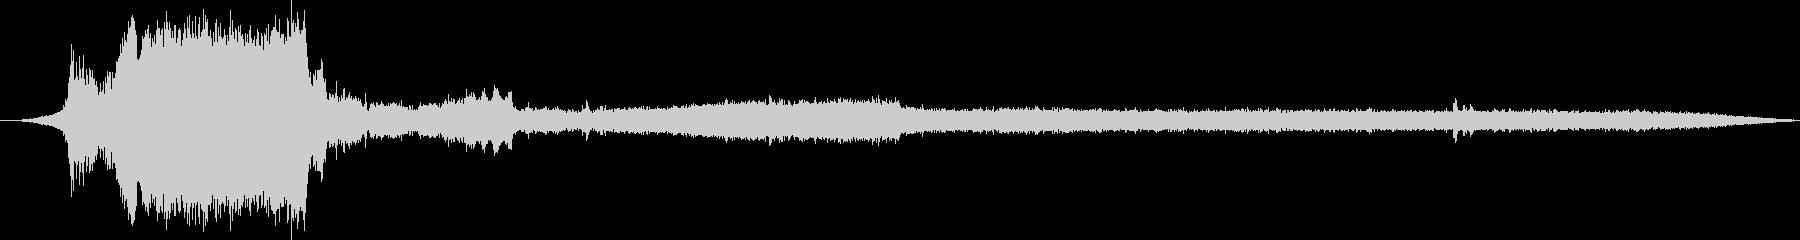 ジャガーJp-Lmレマンレースカー...の未再生の波形